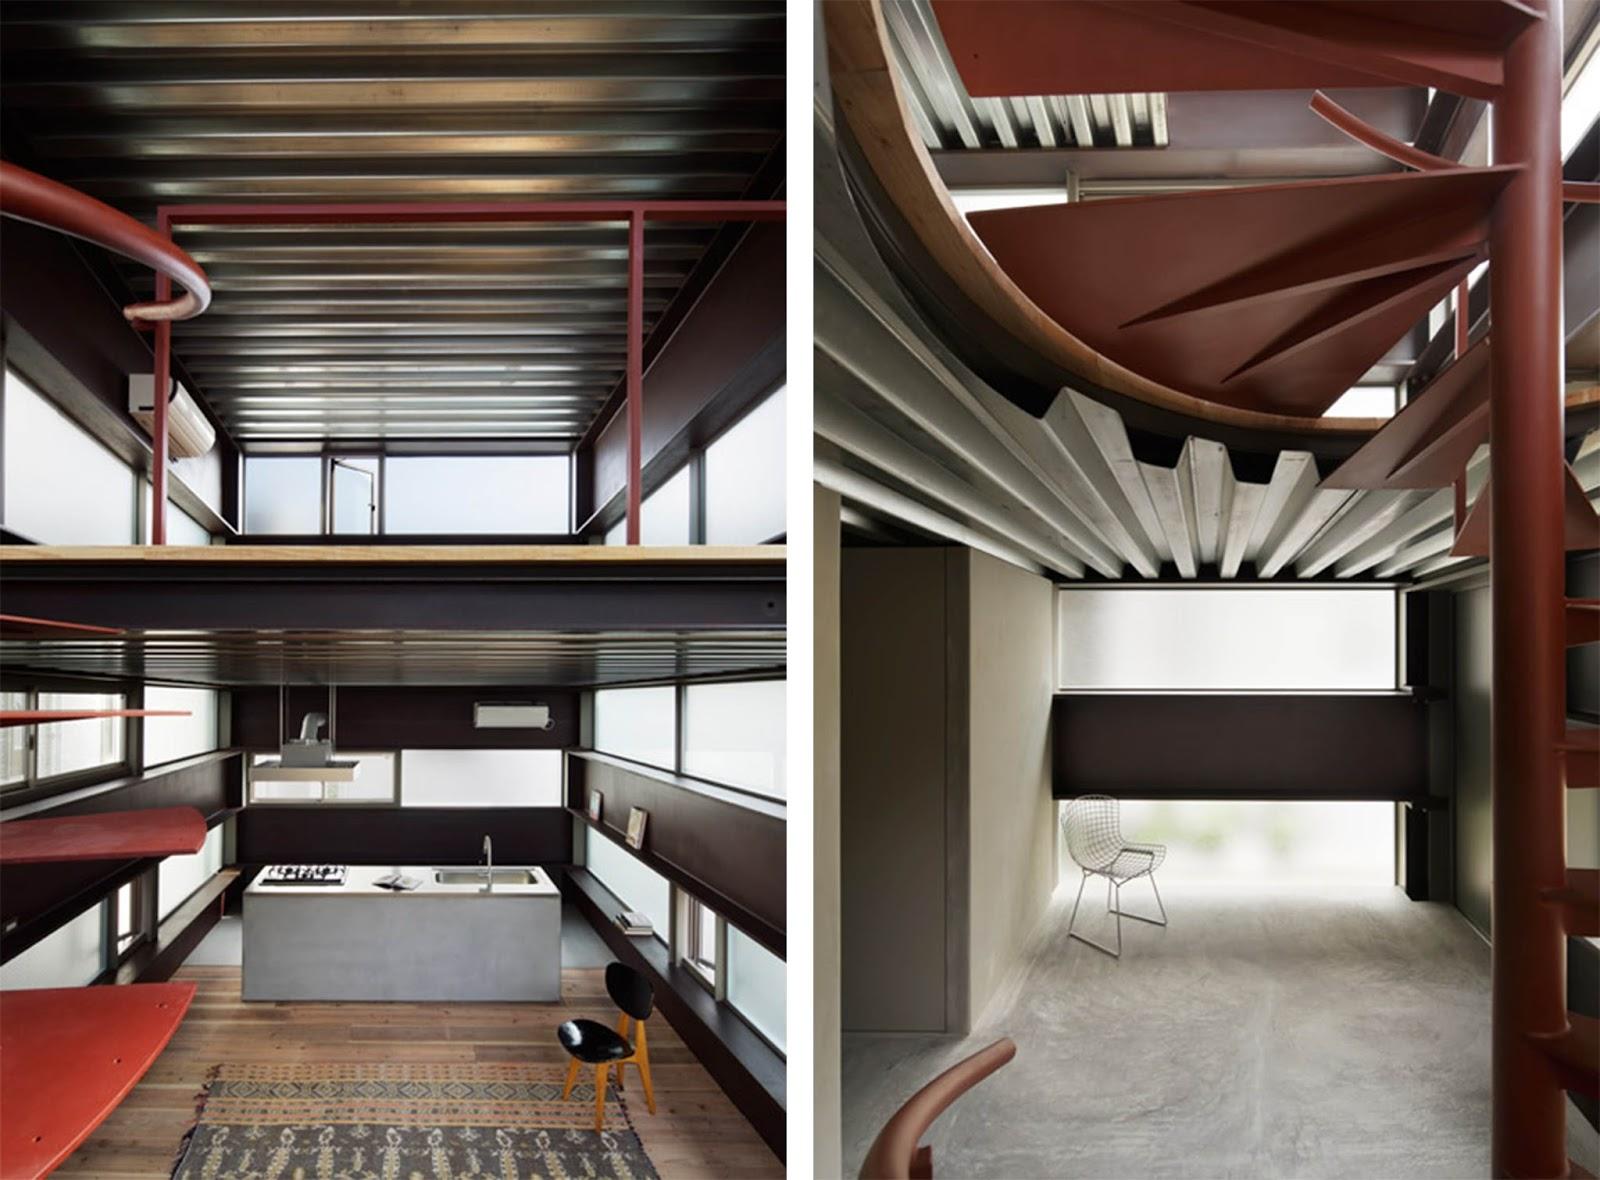 Casa in stile giapponese shinkabe rivisitata in chiave for Casa in stile